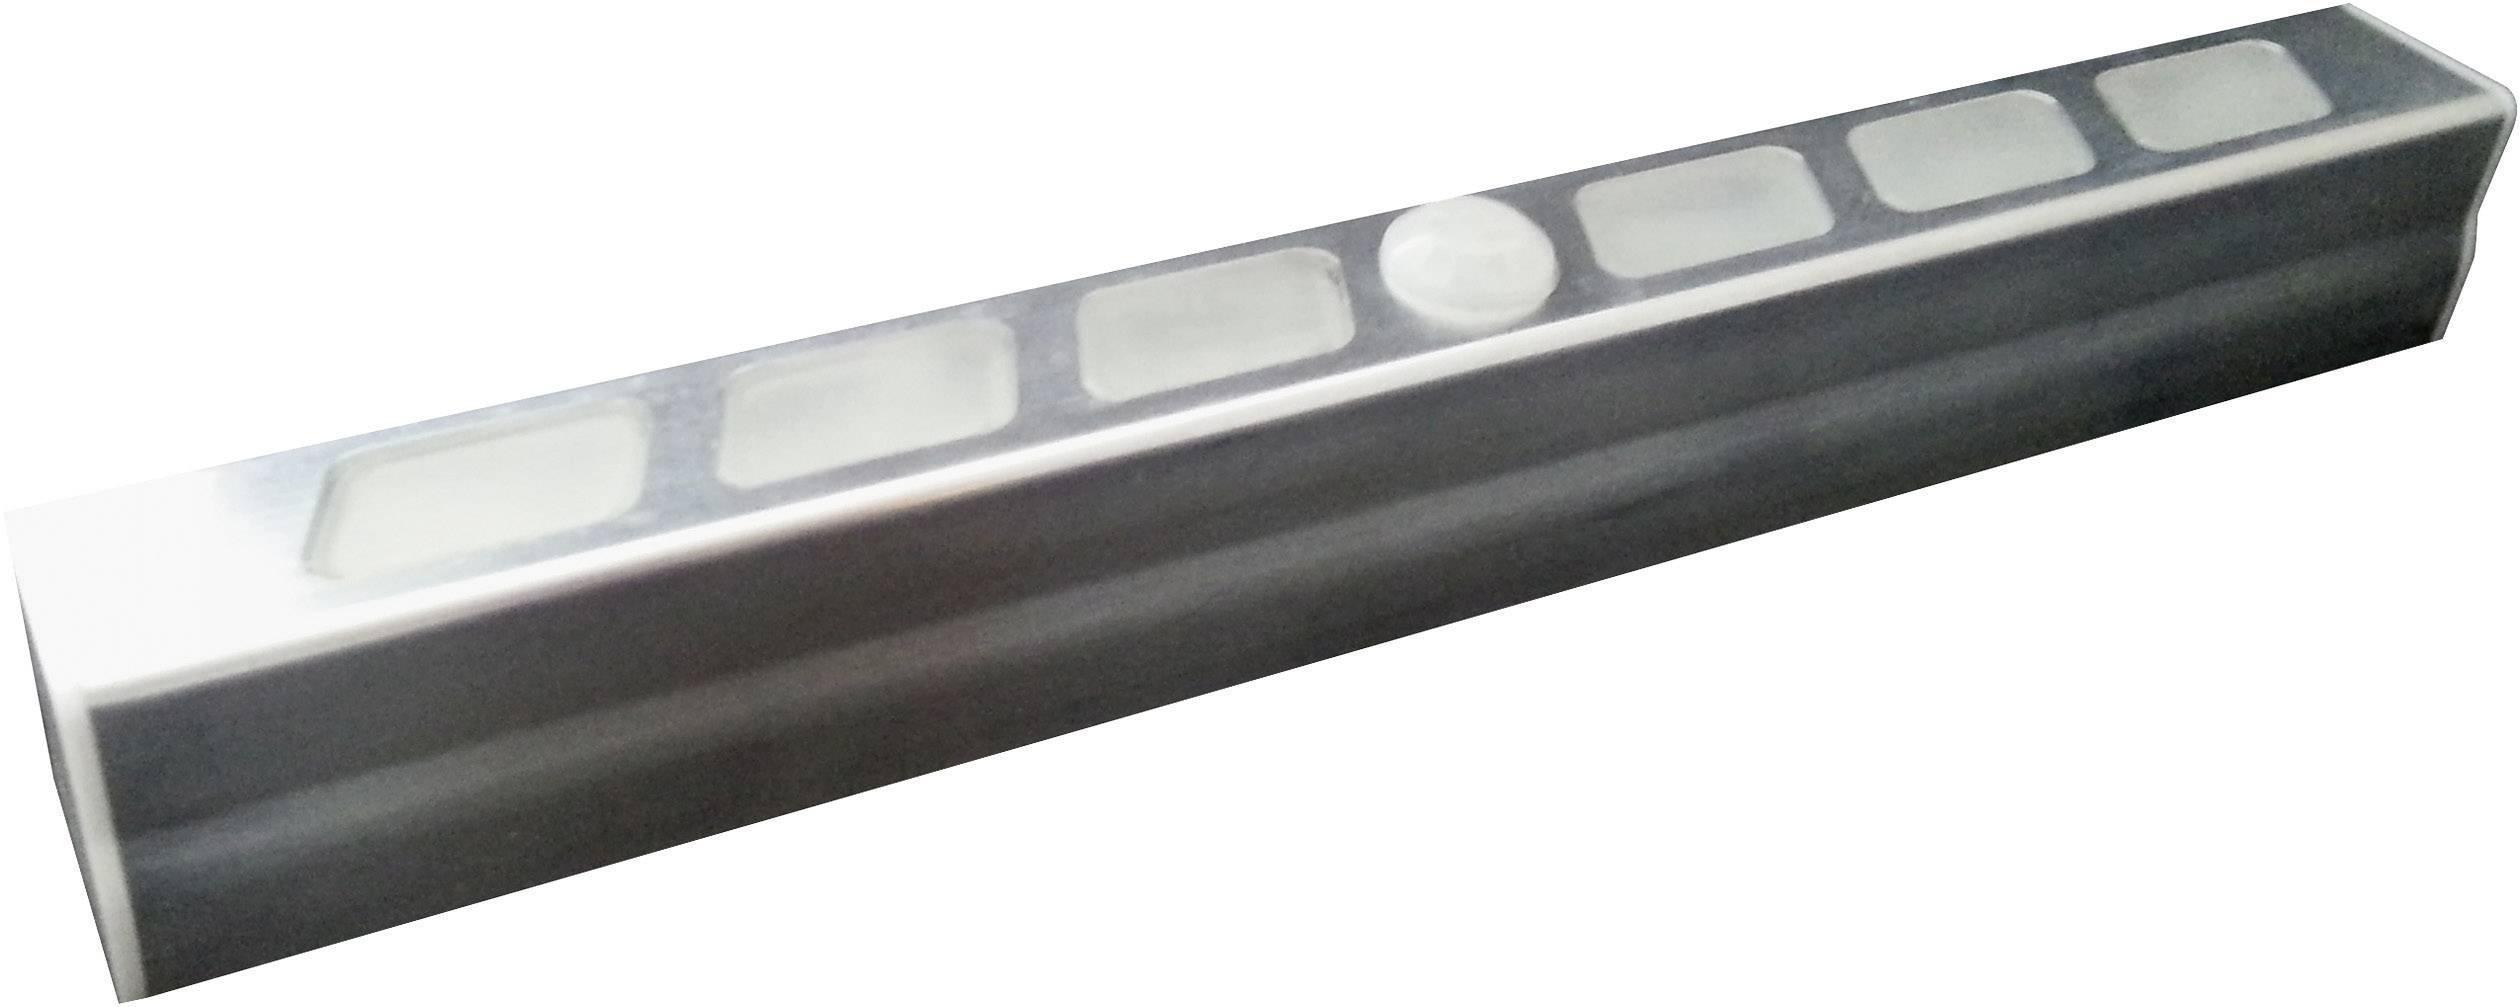 LED podhľadové svetlo s PIR senzorom Müller Licht LED Leuchte Stab 57015, 0.7 W, 19.5 cm, chladná biela, priehľadná